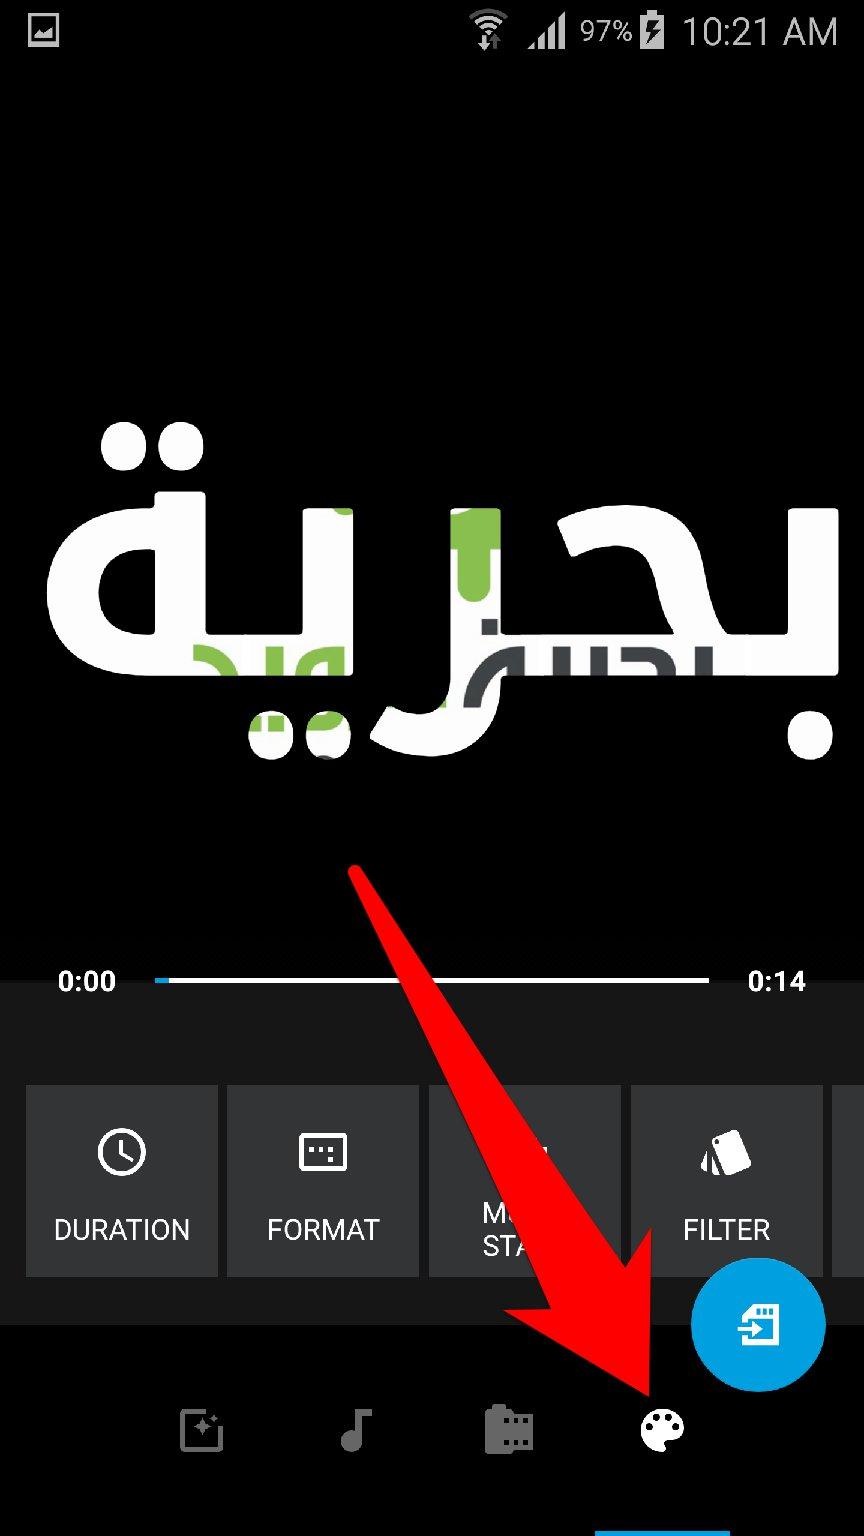 تطبيق Quik لدمج الصور والفيديوهات في فيديو واحد بتأثيرات احترافية | بحرية درويد